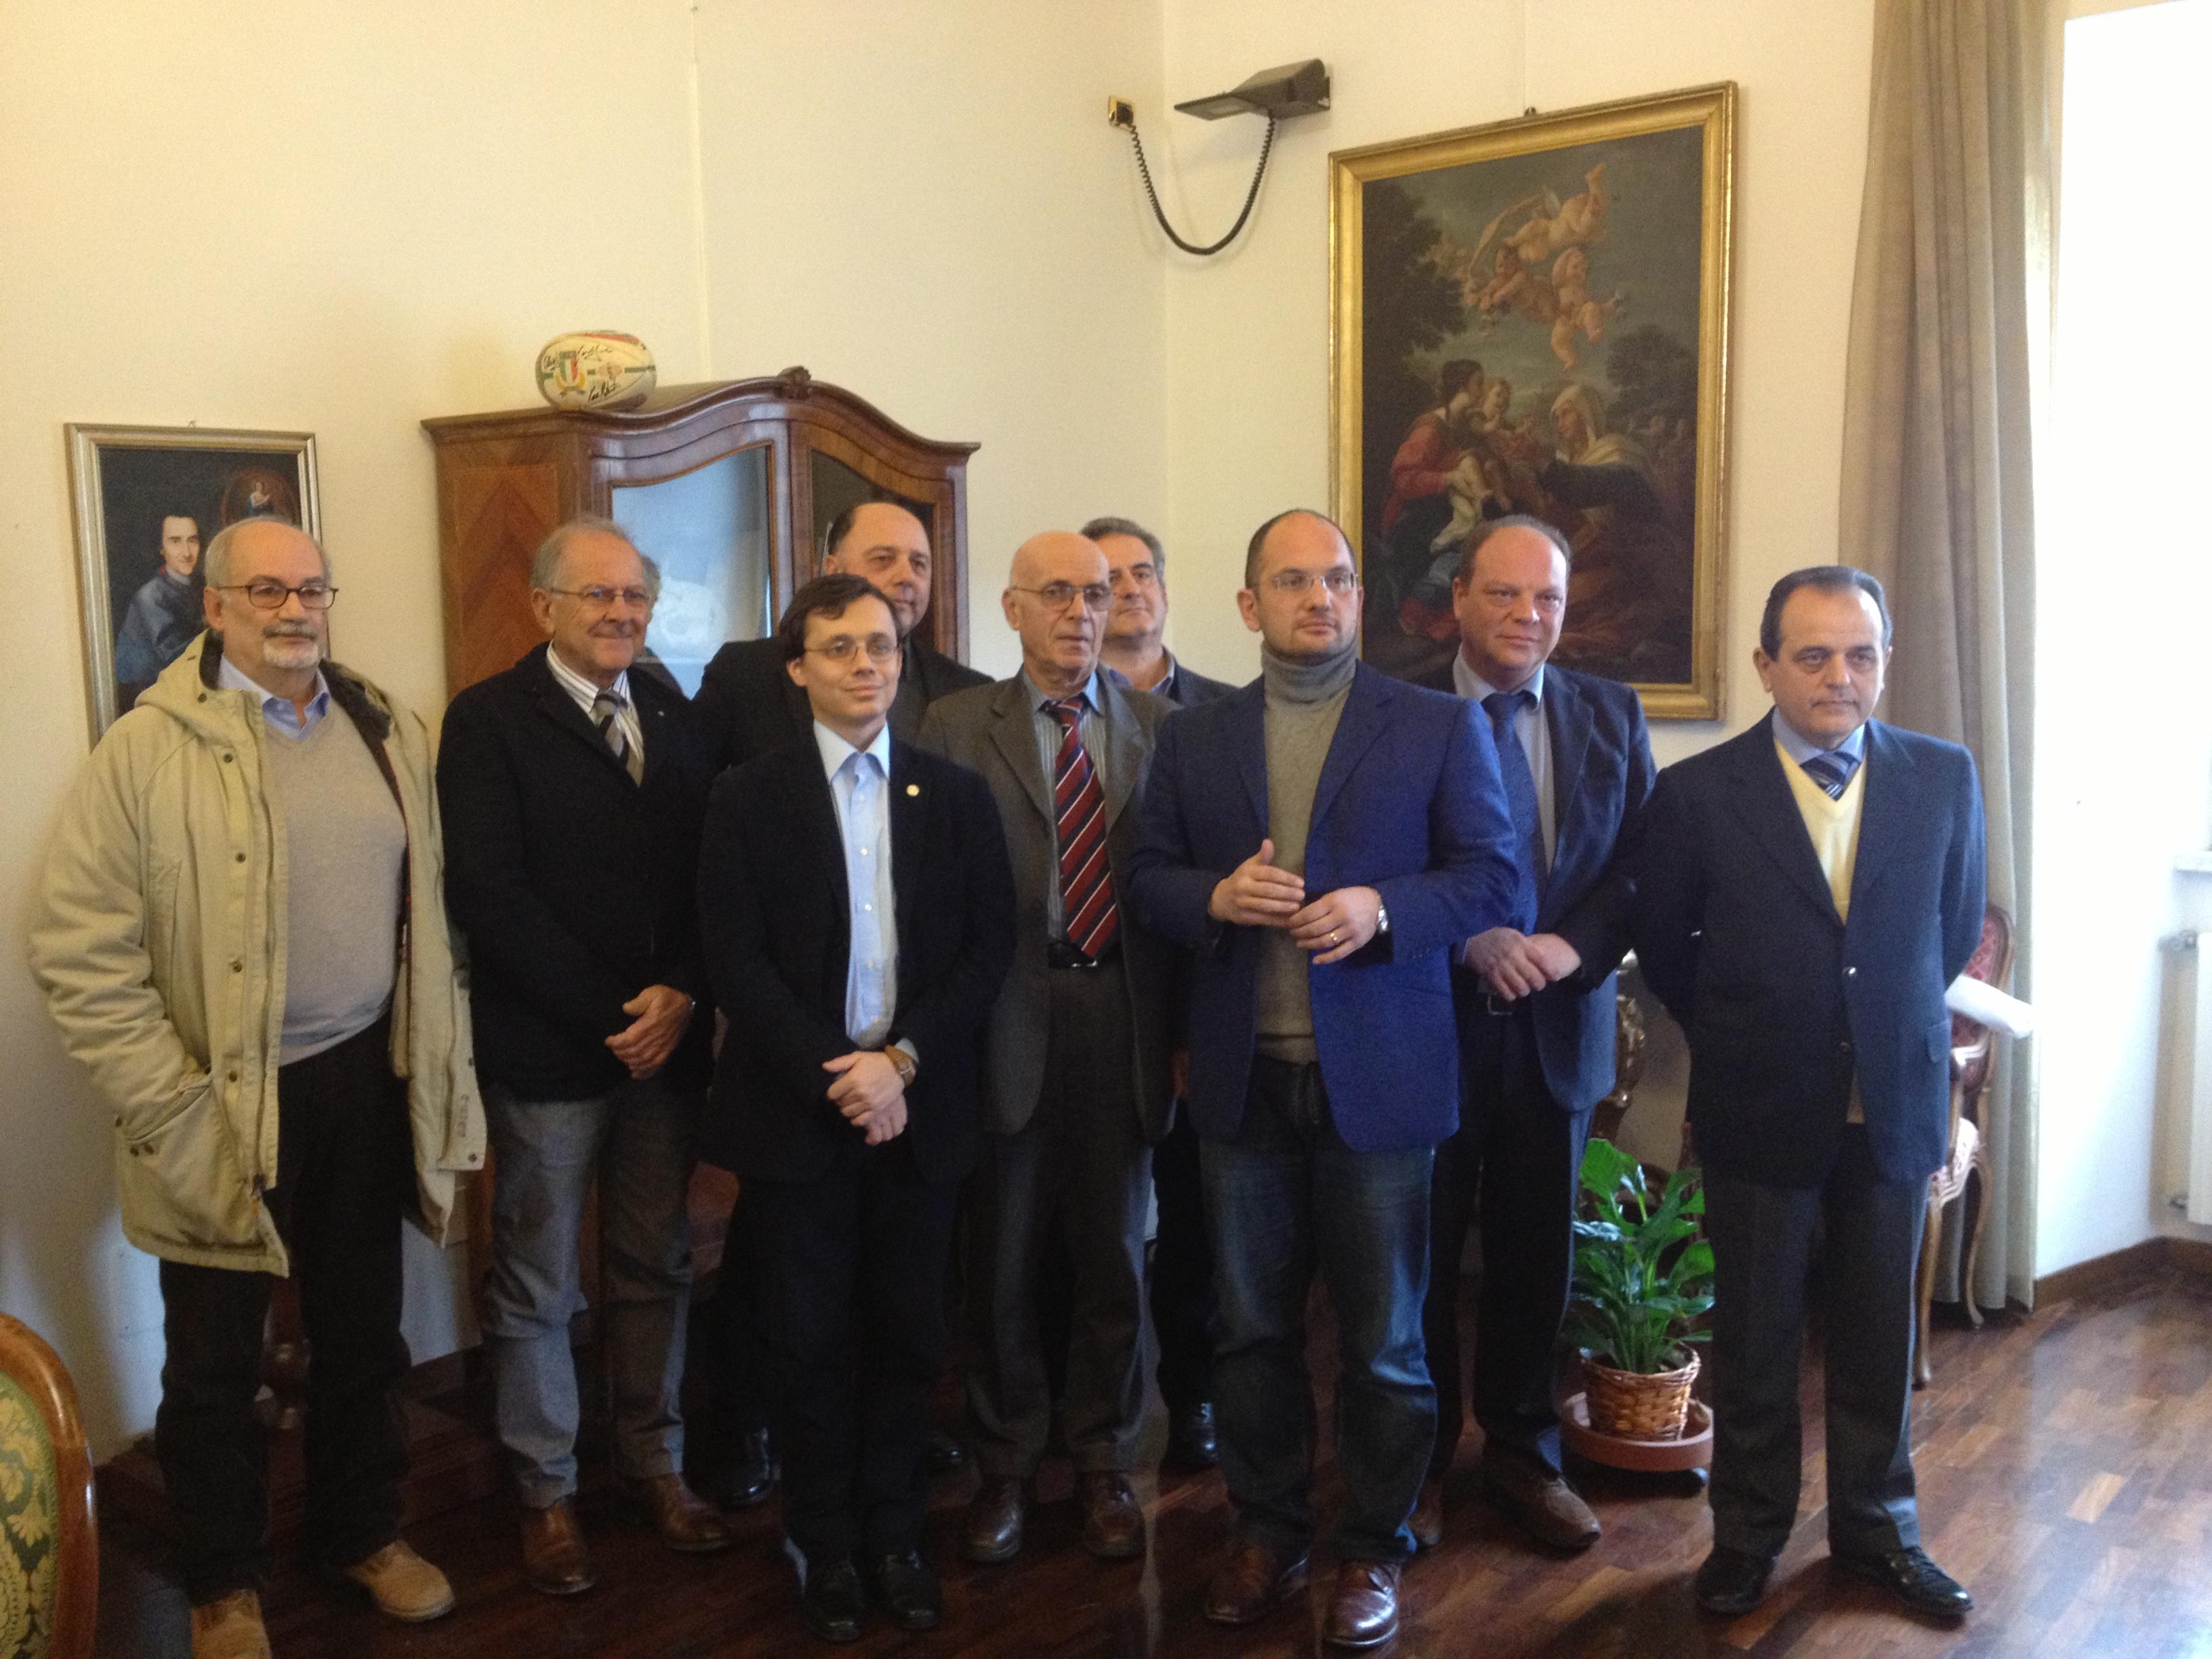 Foto di gruppo in occasione della presentazione del nuovo dispositivo a distanza, tra gli altri Guido Castelli e Bruno Bucciarelli